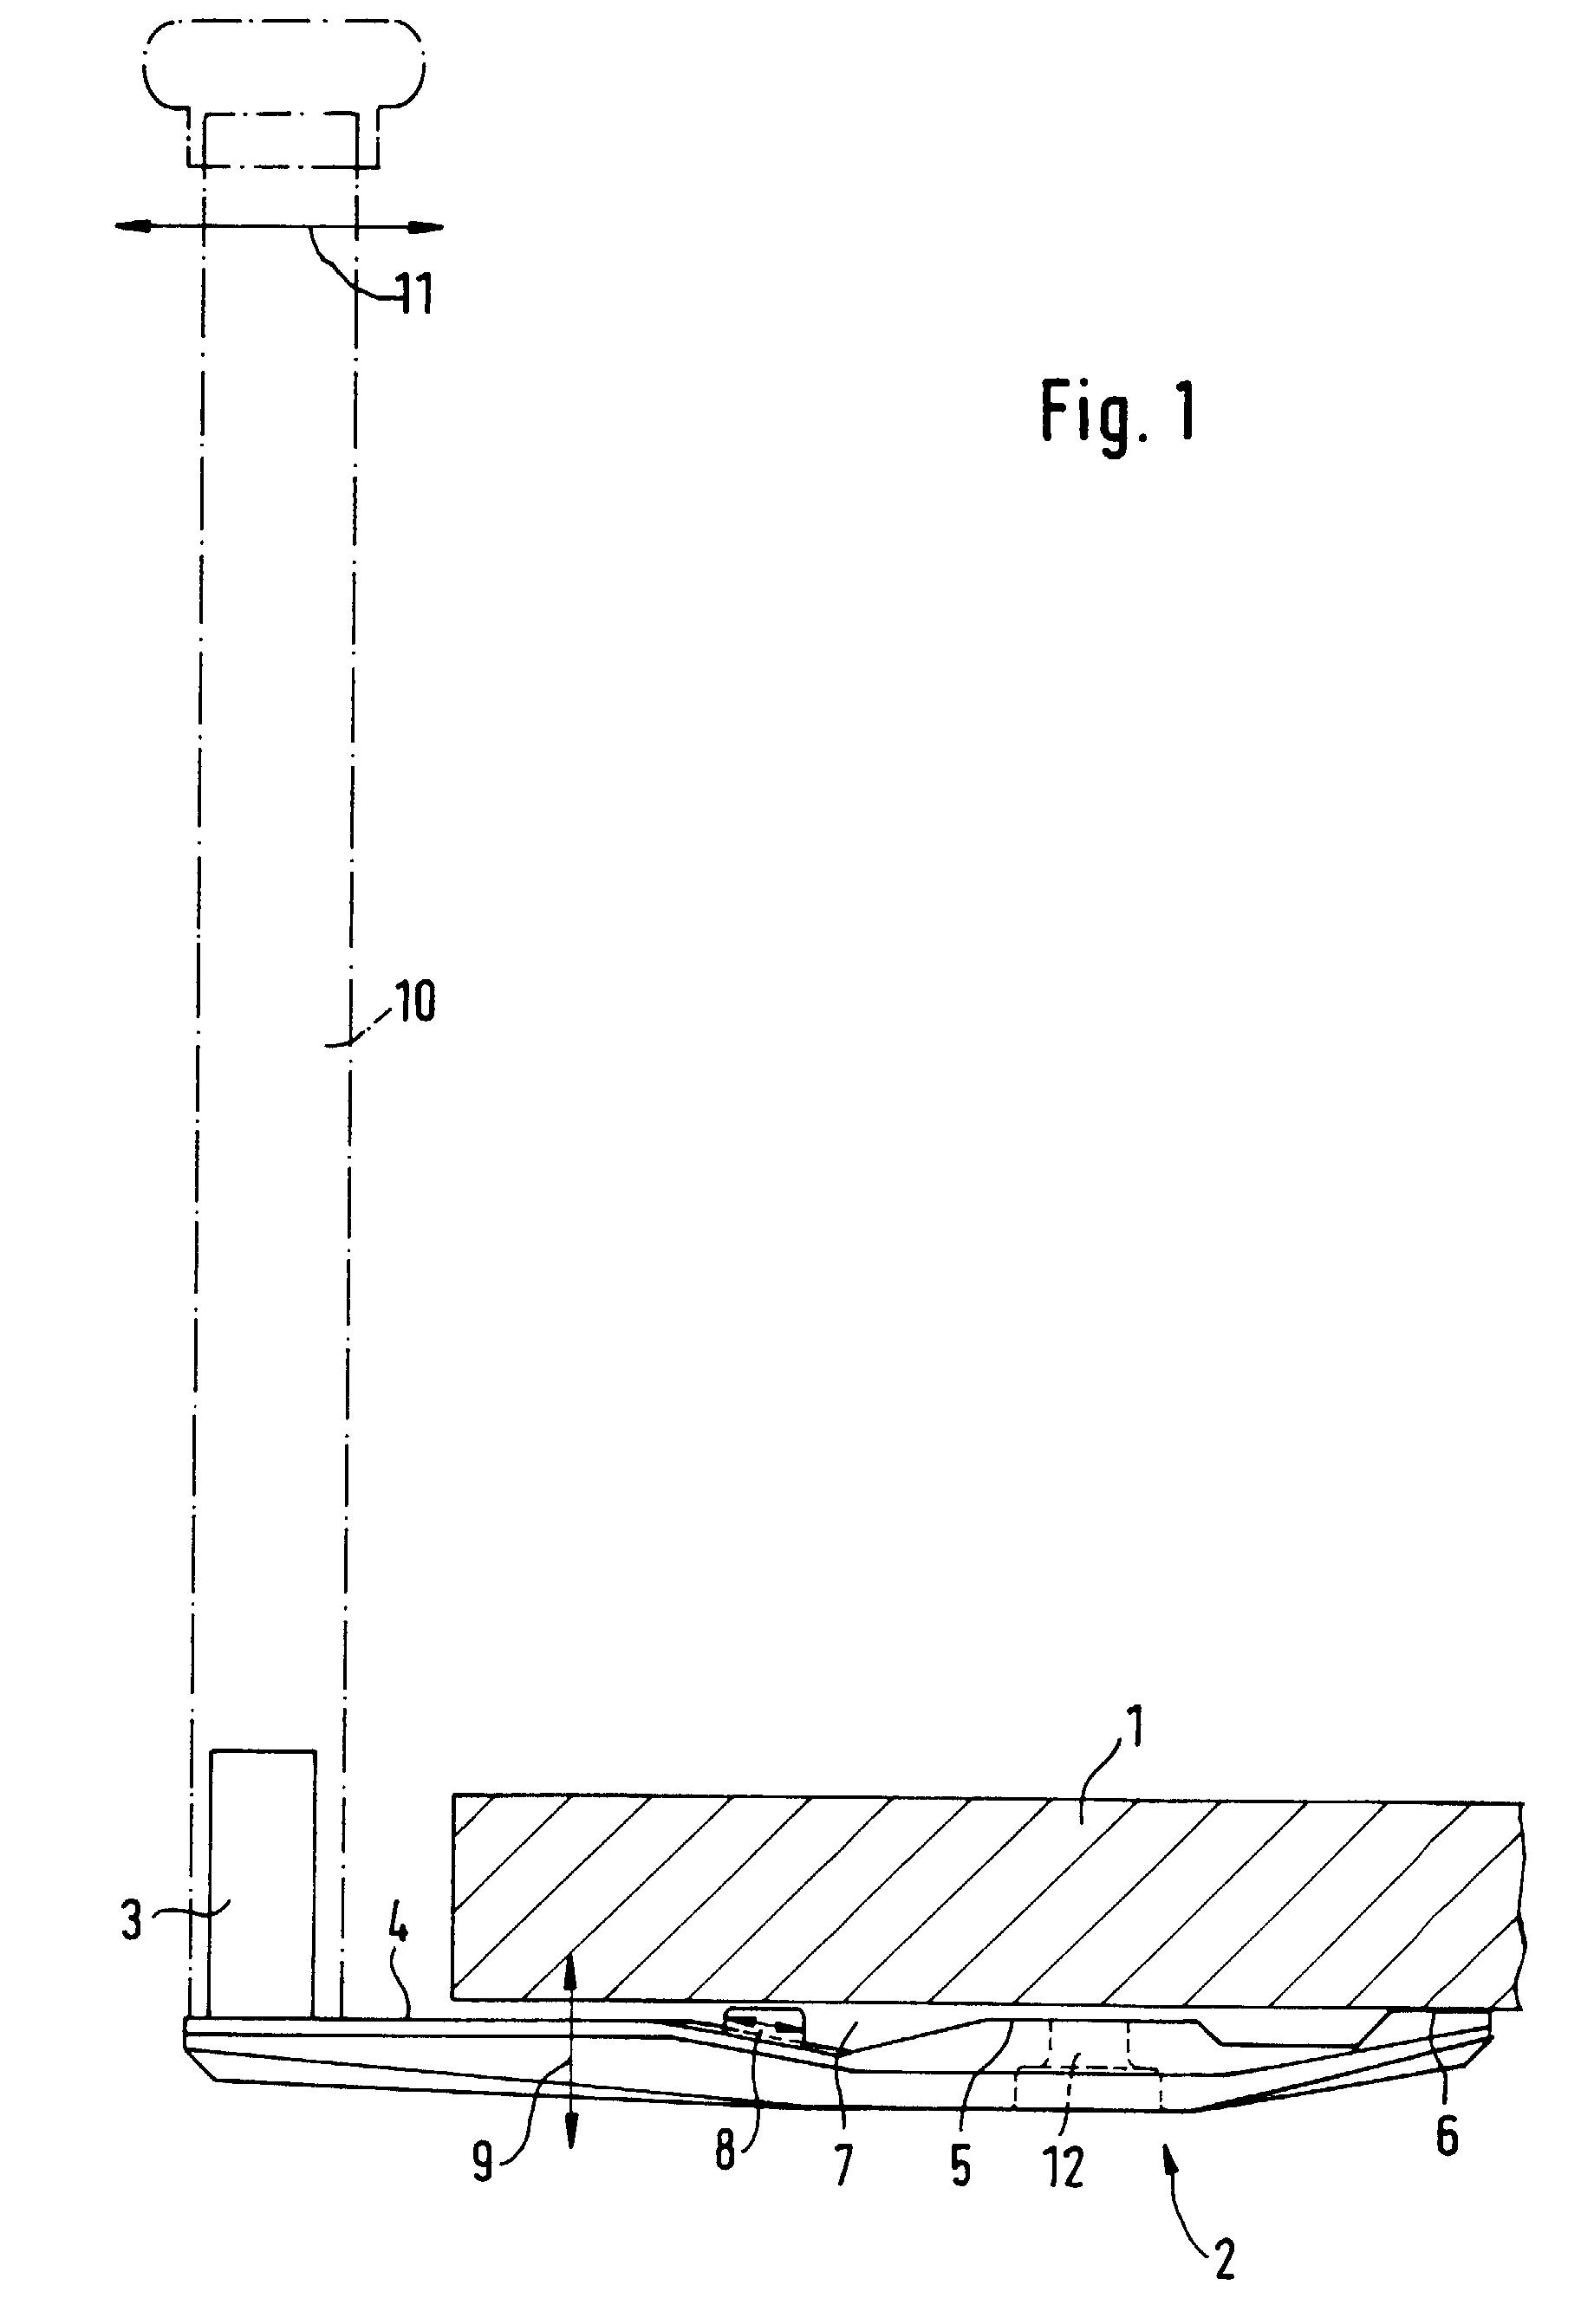 Balkongeländer Befestigung Unterseite patent ep0644307b1 pfostenhalter für vorgesetzte balkongeländer